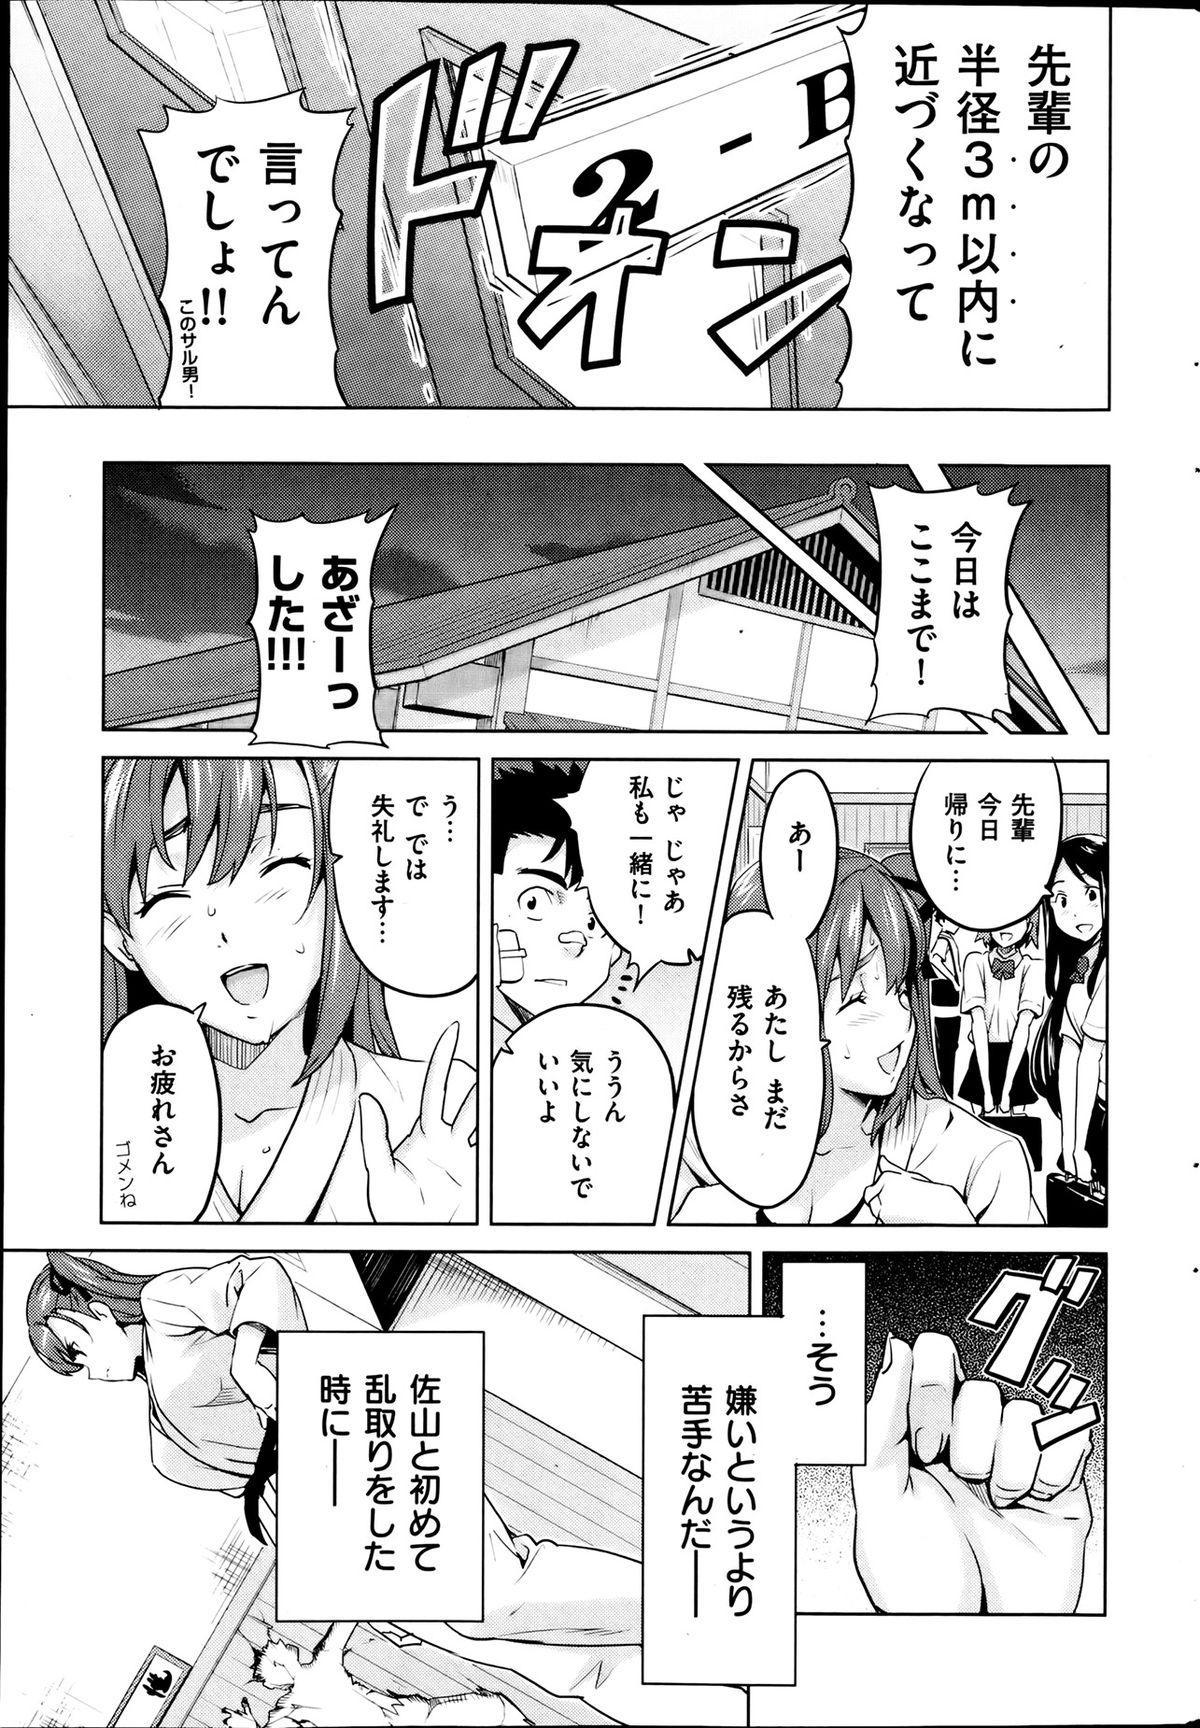 COMIC HANA-MAN 2013-08 Takeda Hiromitsu Tokushuu 32